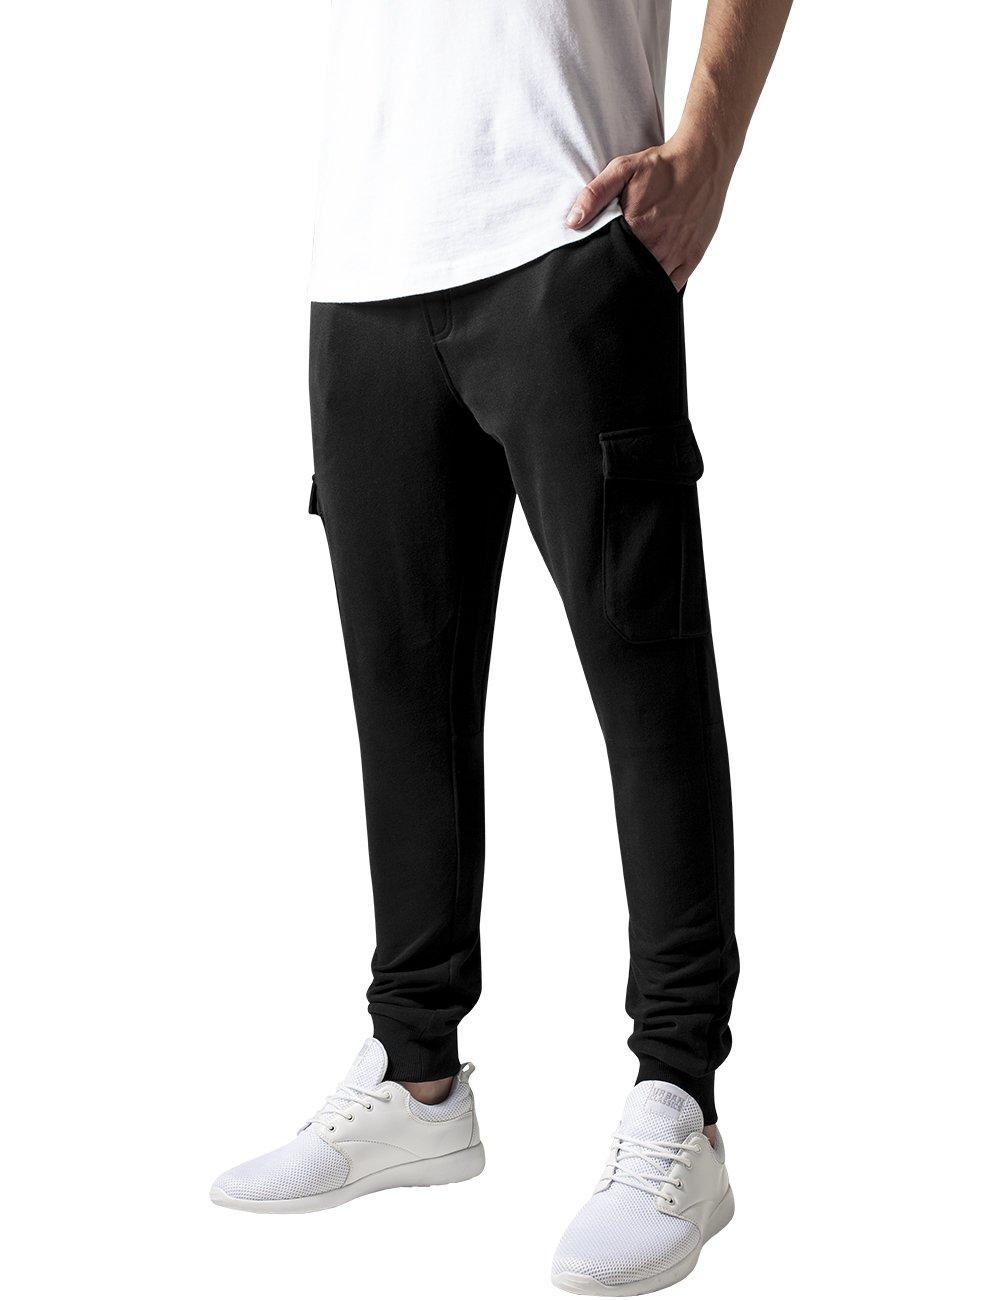 Fitted Cargo Sweatpants, Pantalones para Hombre, Negro (Black), 32W x 32L (Talla del Fabricante: Medium) Urban Classics